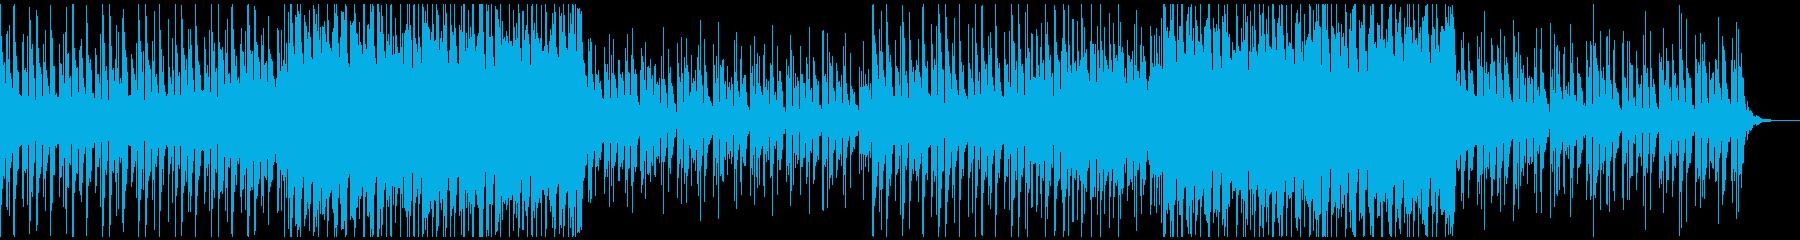 SNS、お洒落、夏、トロピカルハウス6Lの再生済みの波形